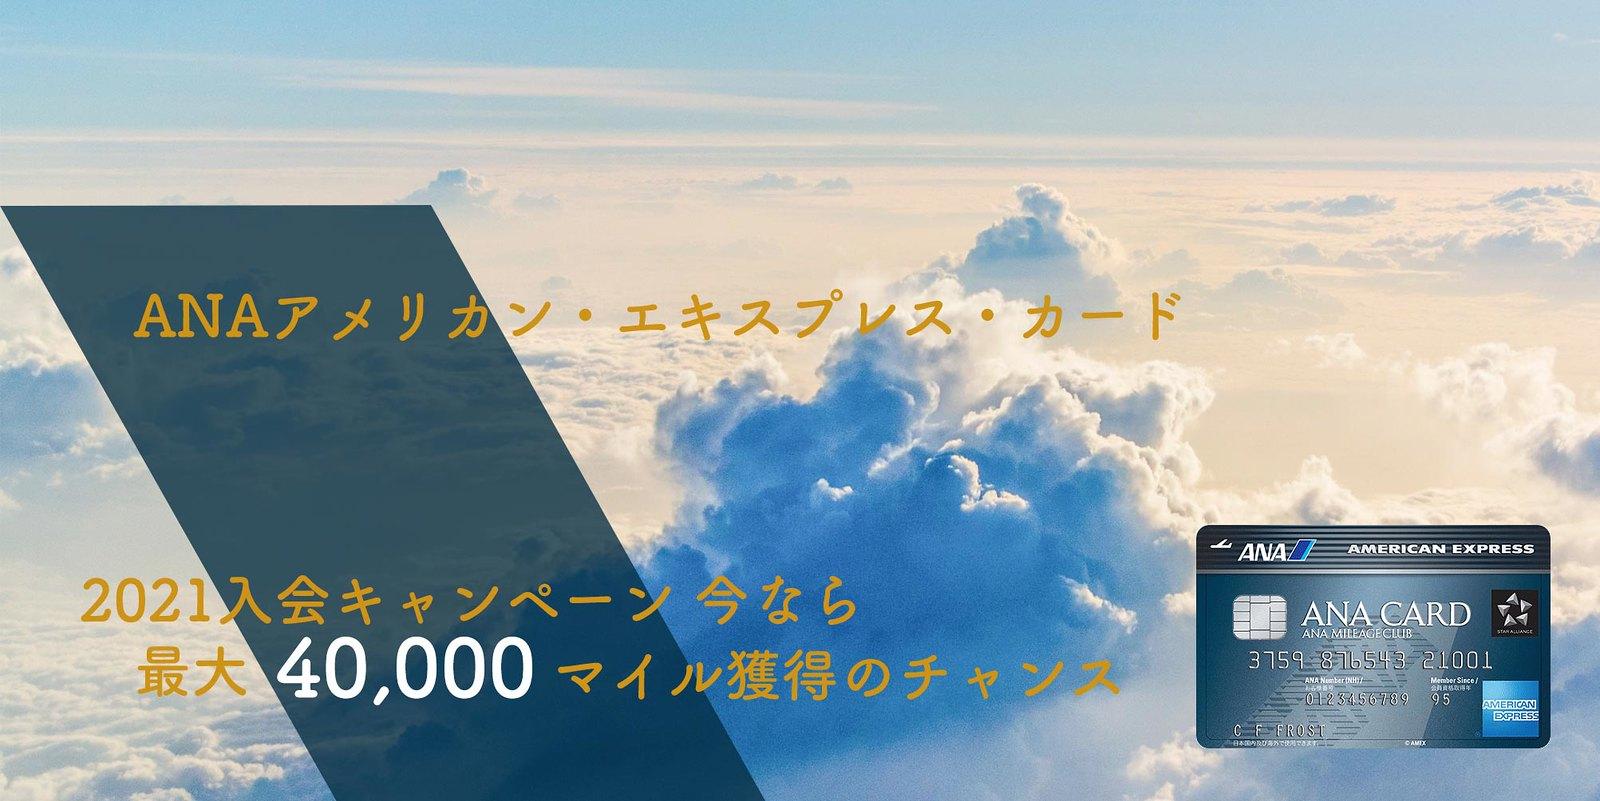 ANAアメリカン・エキスプレス・ カード 入会キャンペーン